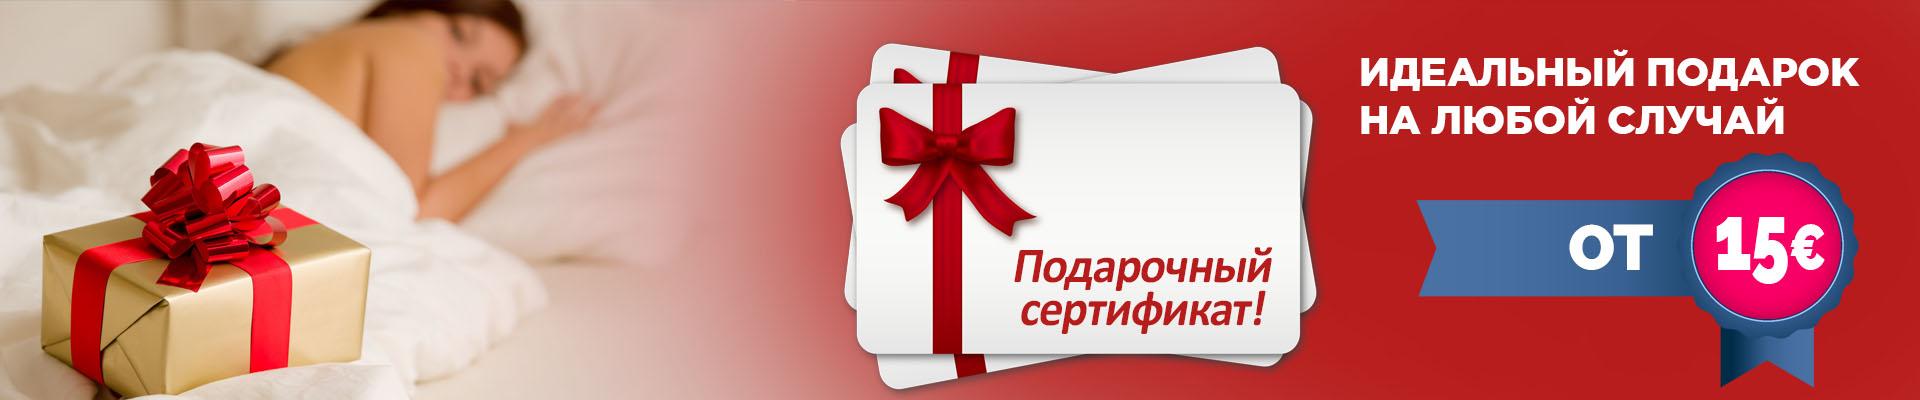 Gift Voucher Canarias.com